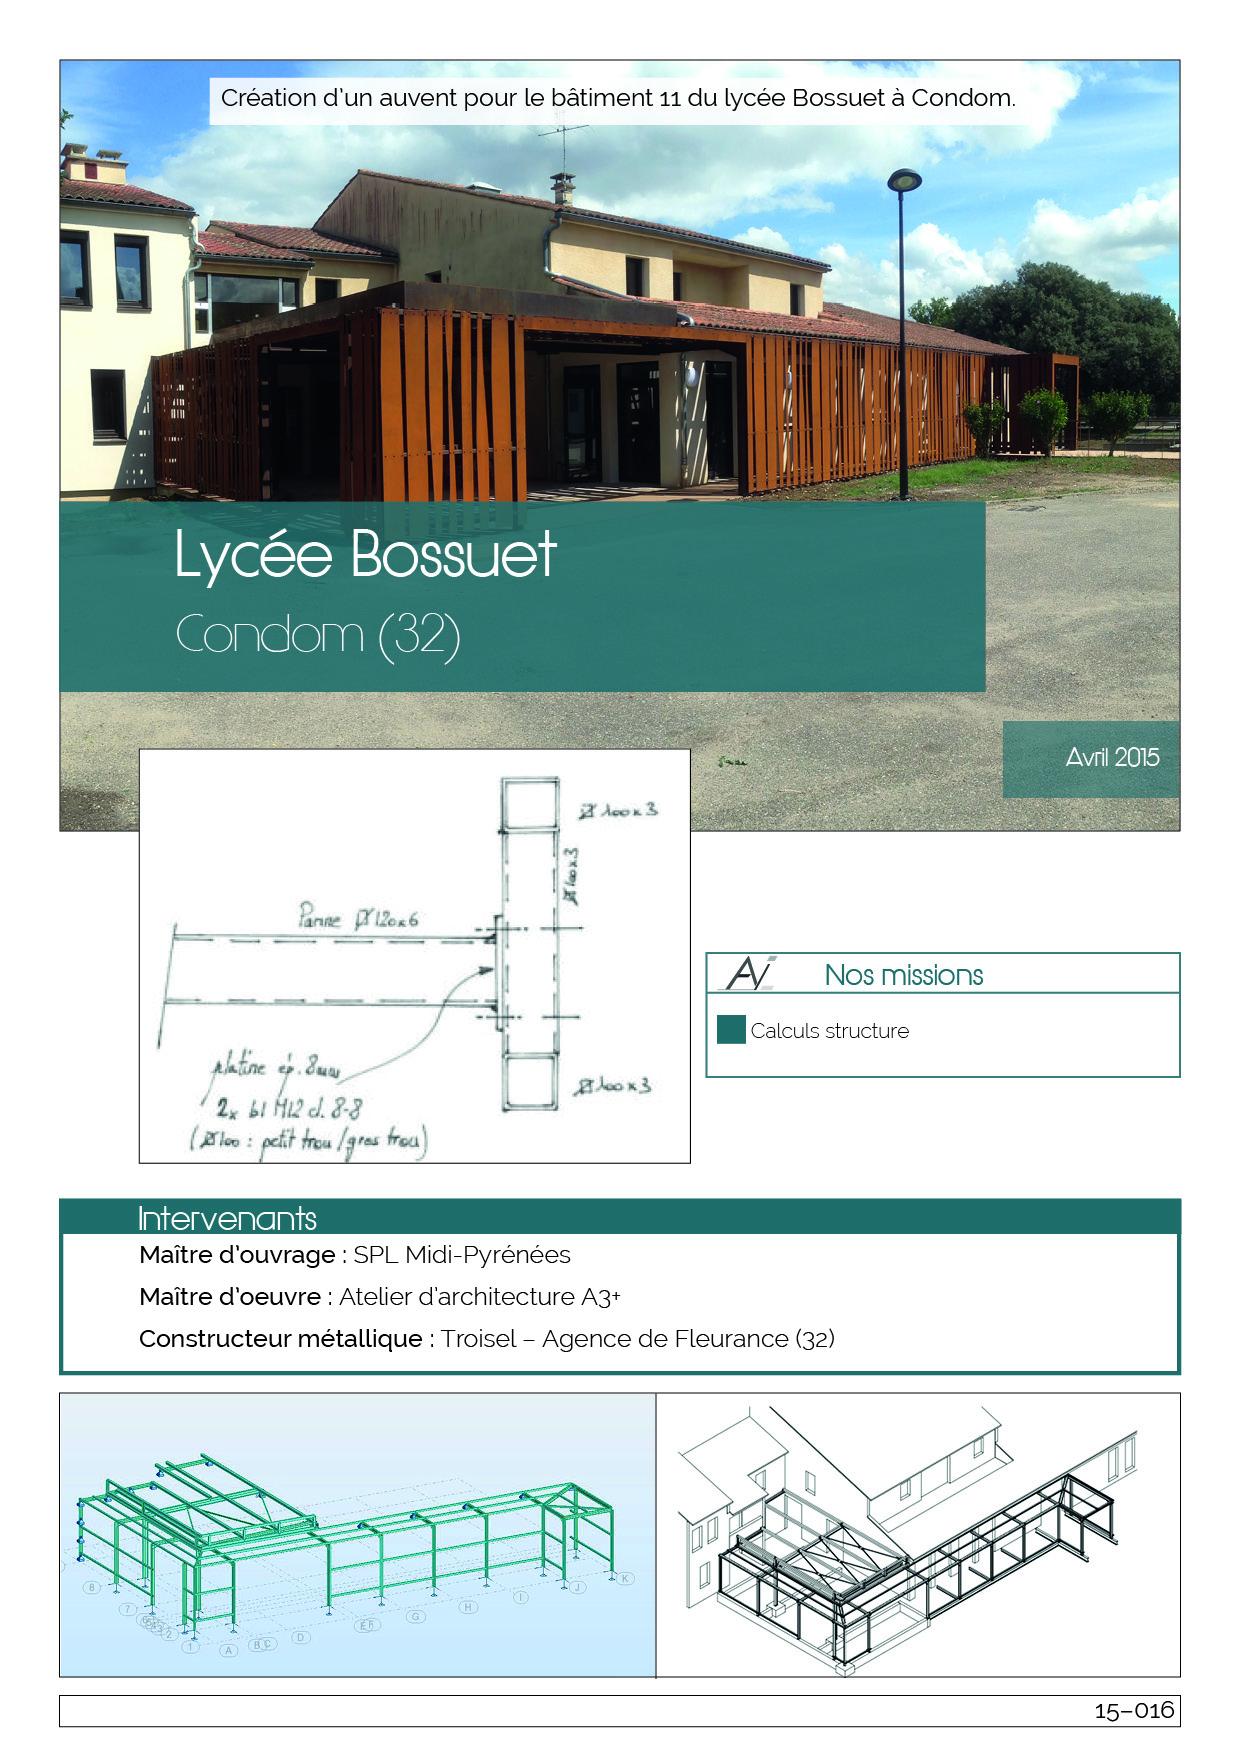 15-016 Lycée Bossuet